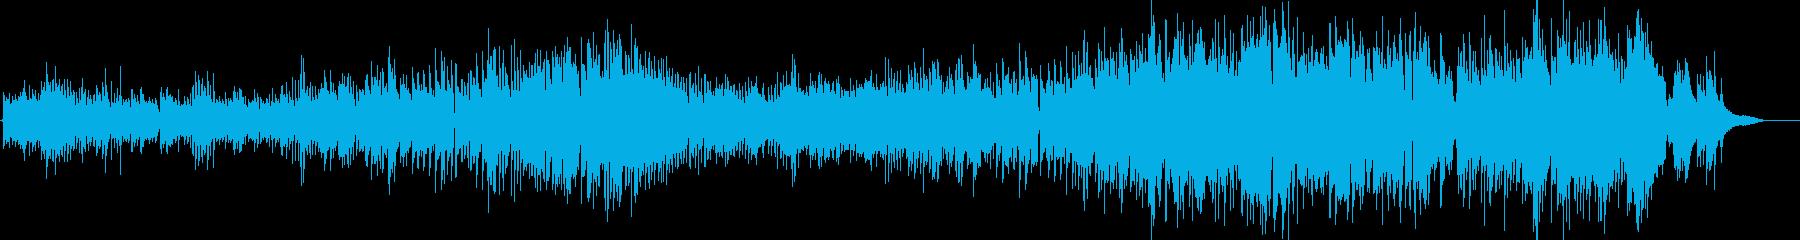 【生演奏】アコギによる優しいヒーリング曲の再生済みの波形